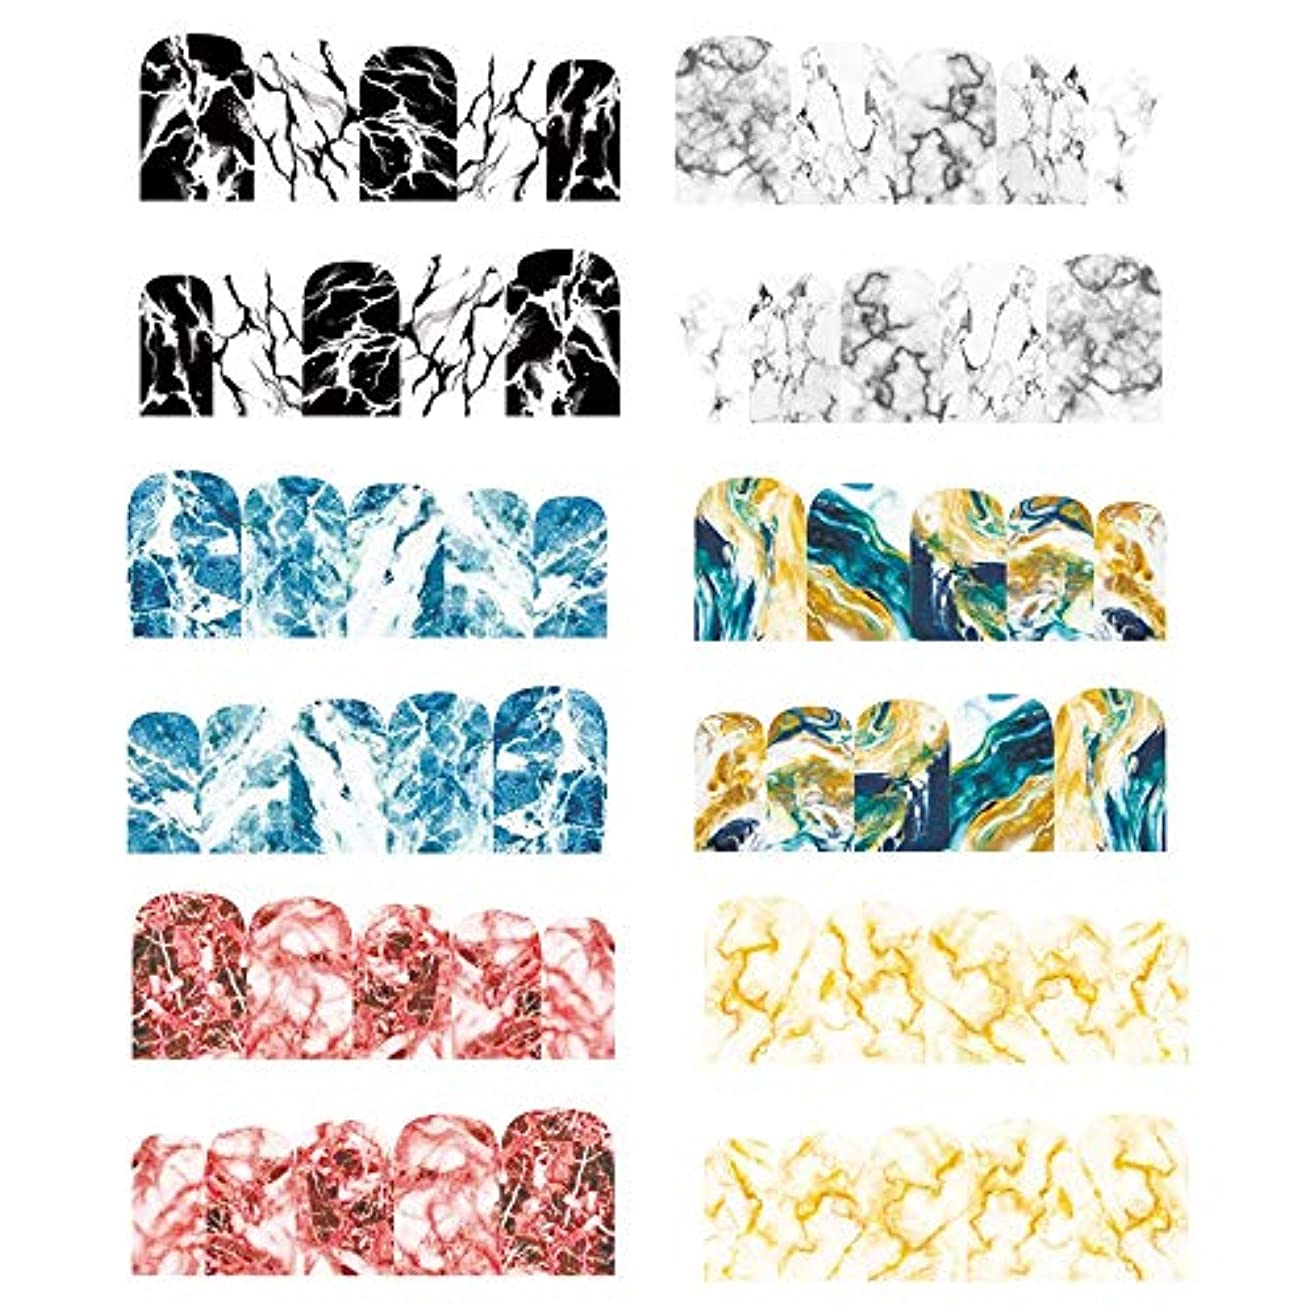 散髪展示会分類するネイルステッカー DIY 3Dネイルシール ネイルパーツ 大理石 ネイルシール デコ ウォーターシールネイルアートシール ステッカー 貼り紙 綺麗 6ピース